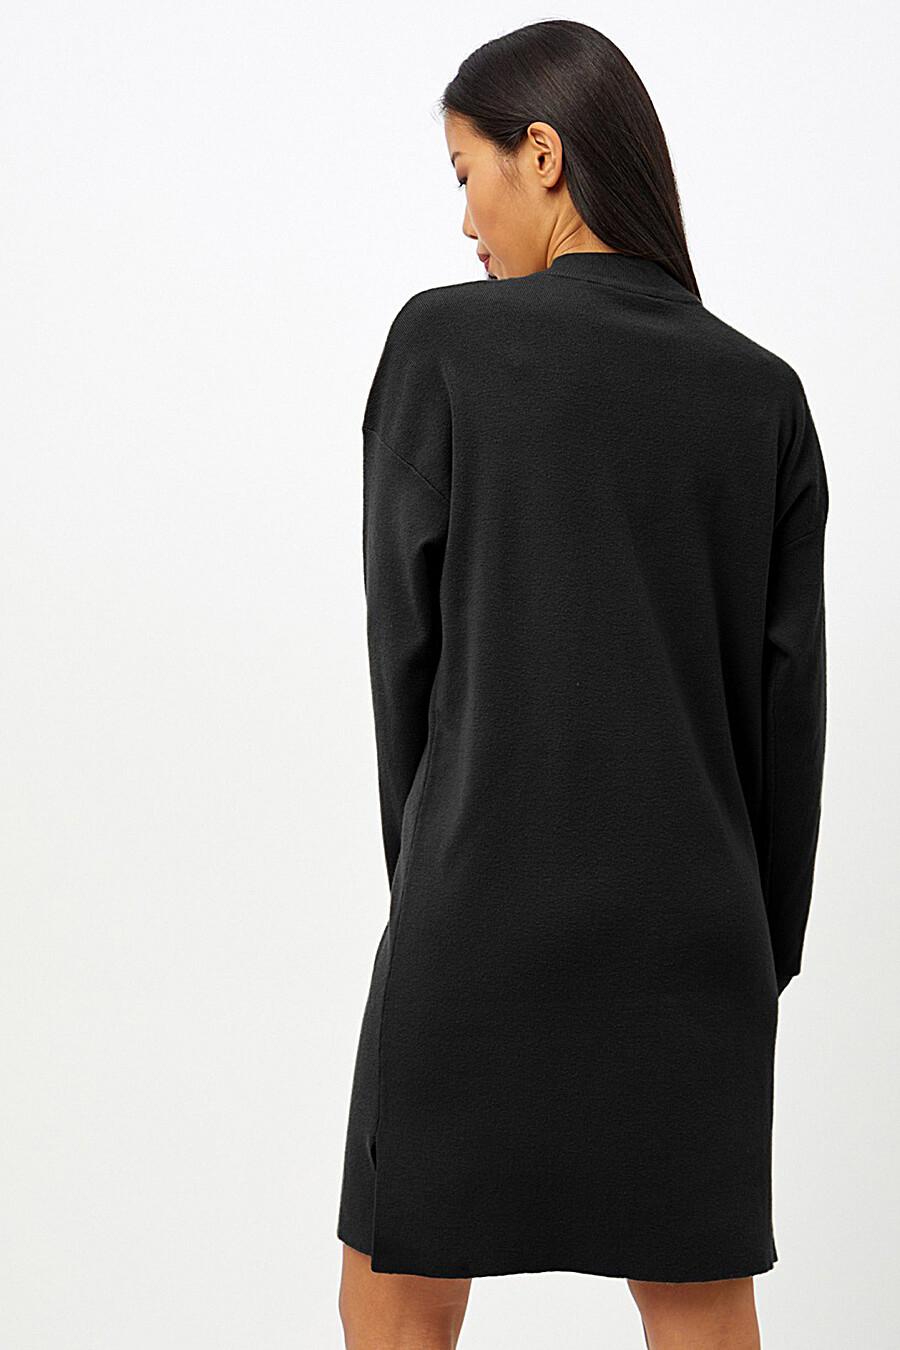 Платье для женщин TOM FARR 155111 купить оптом от производителя. Совместная покупка женской одежды в OptMoyo